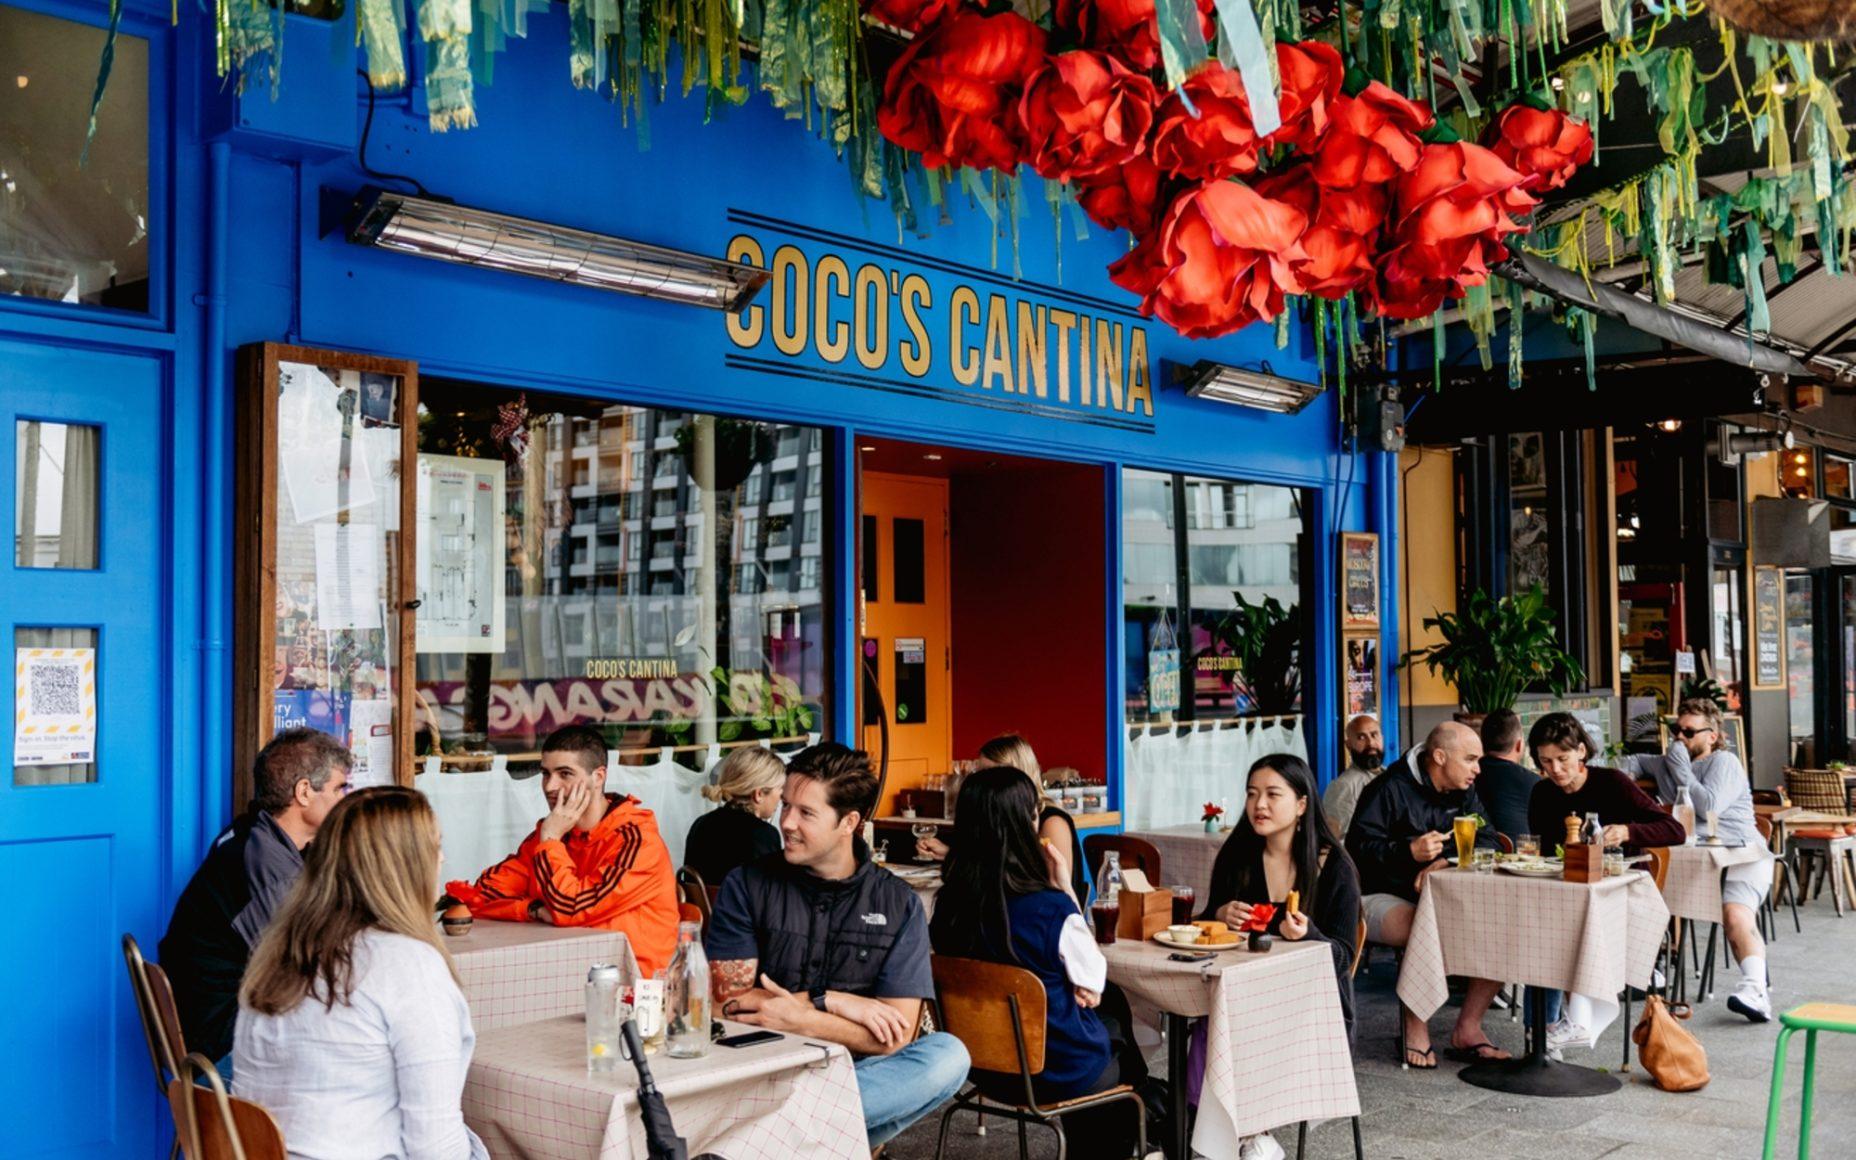 Cocos Cantina